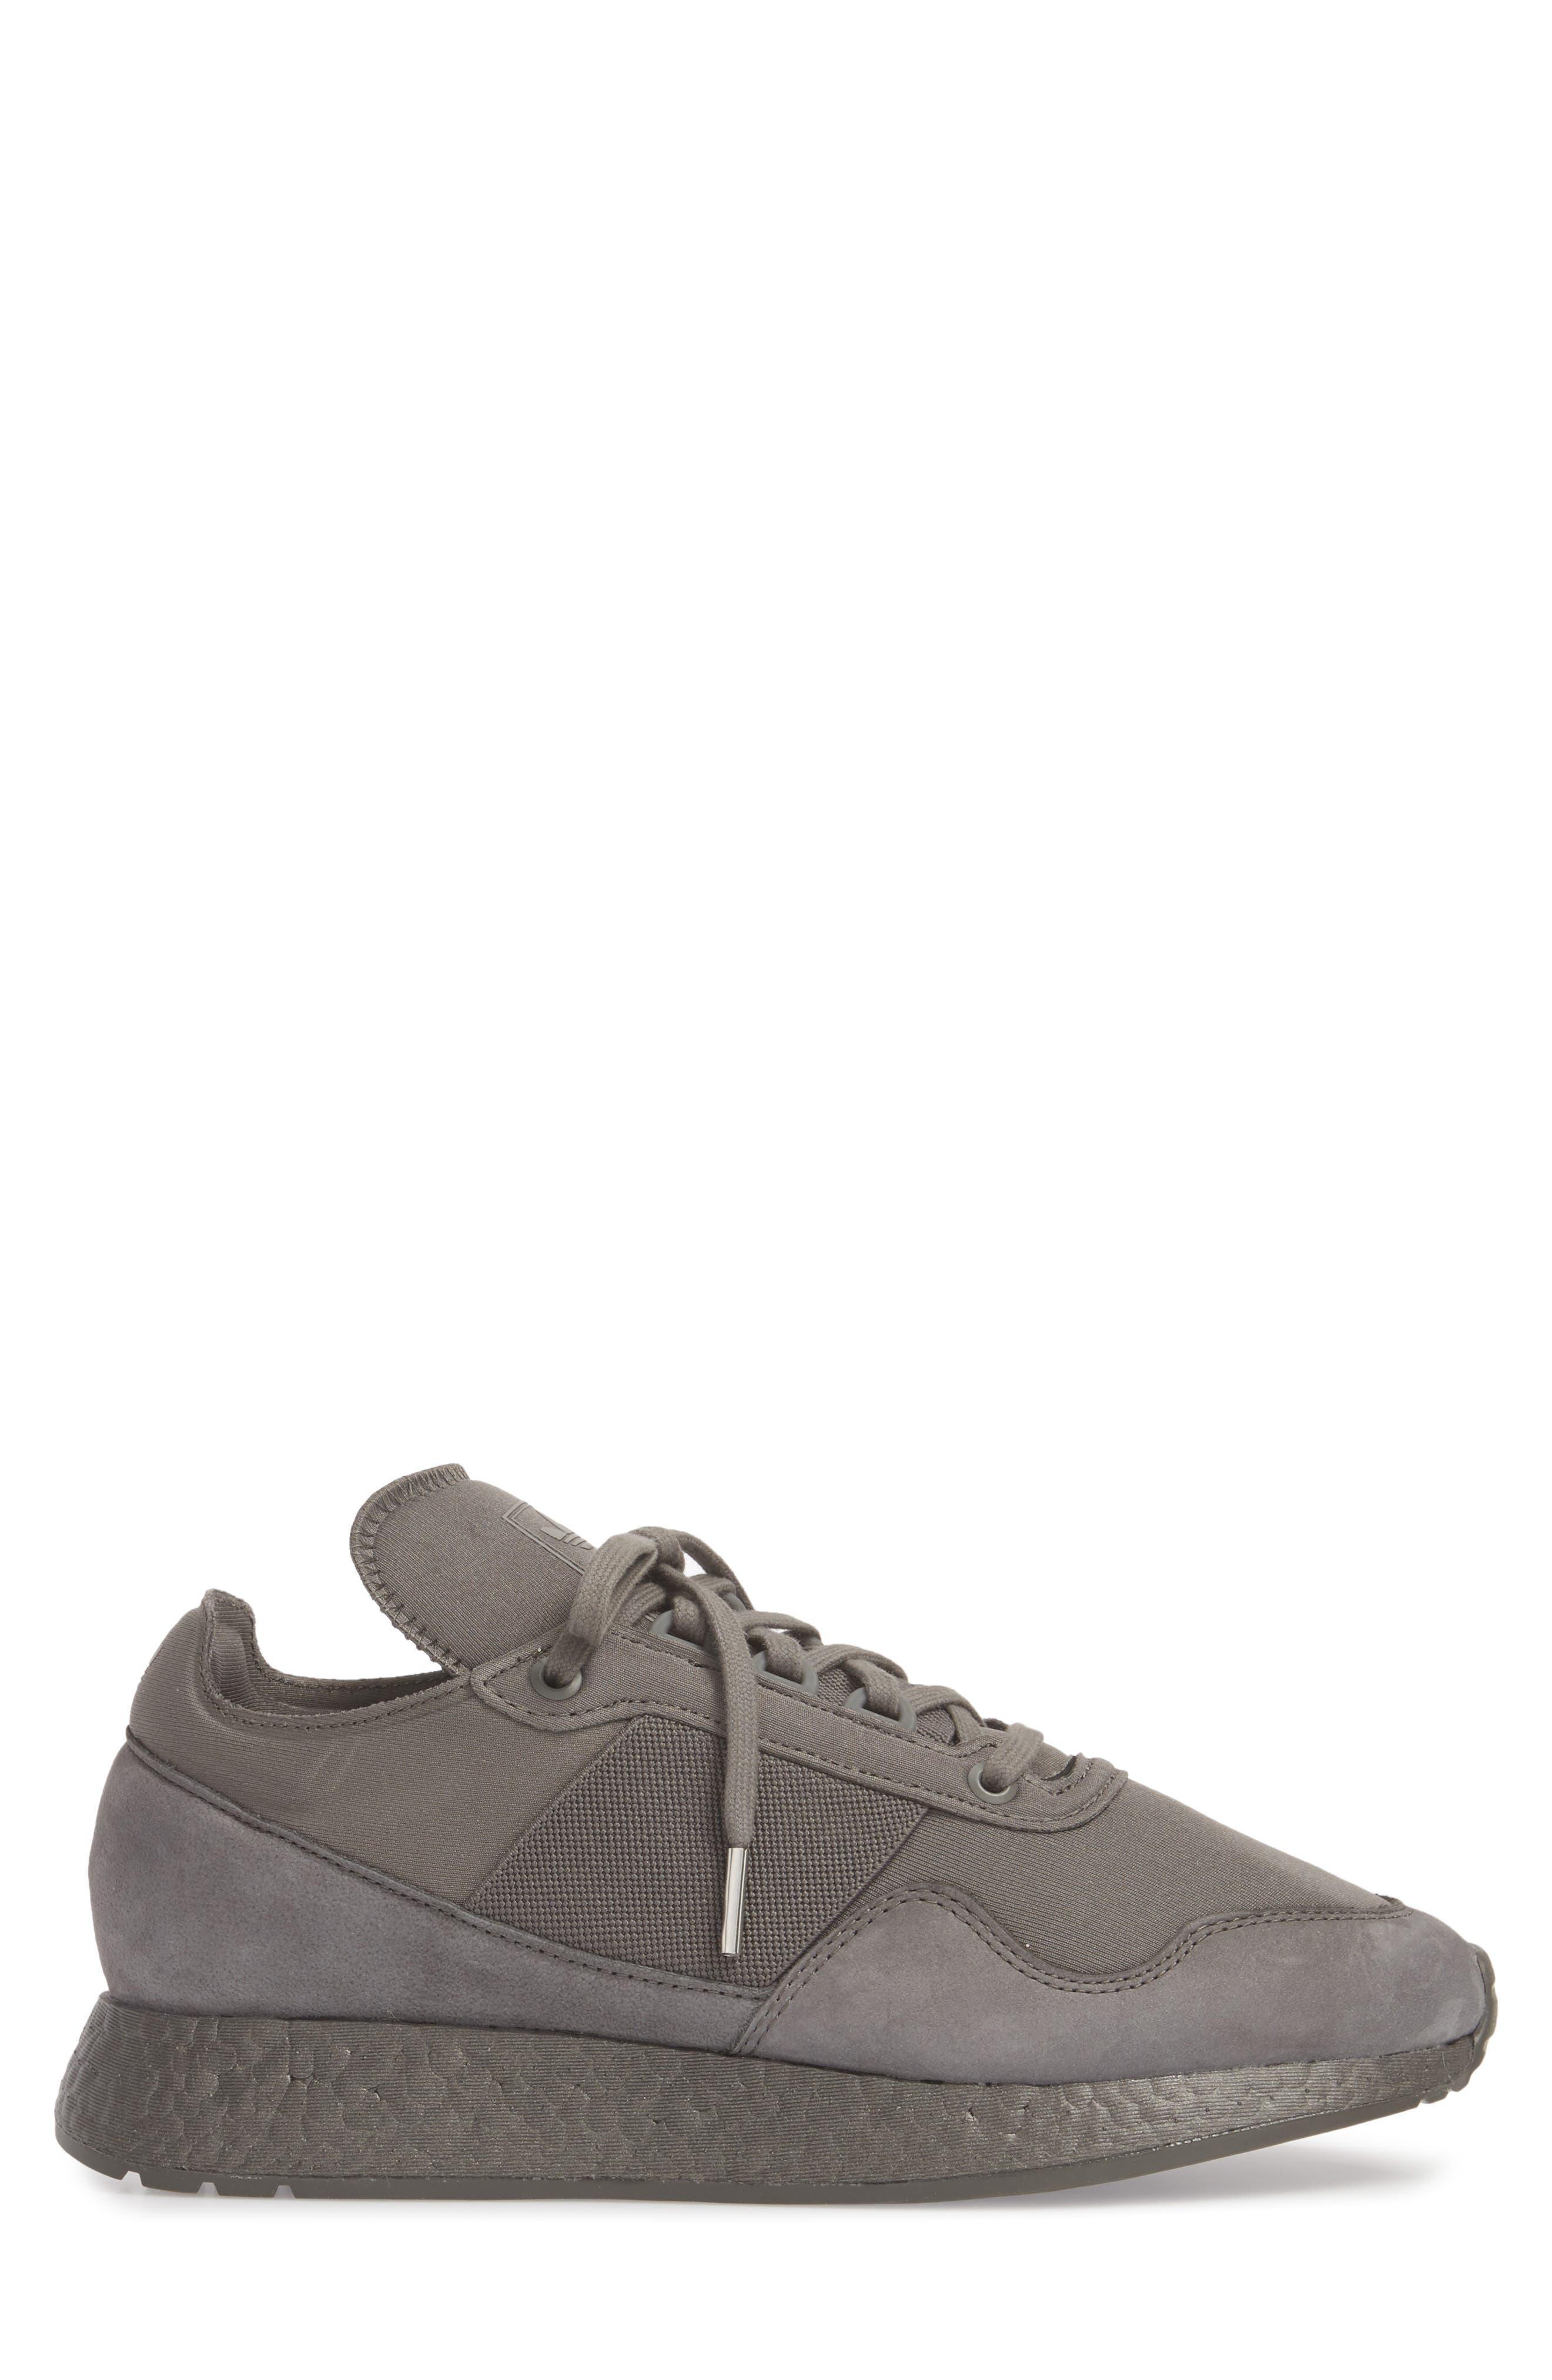 New York Present Arsham Sneaker,                             Alternate thumbnail 3, color,                             Grey